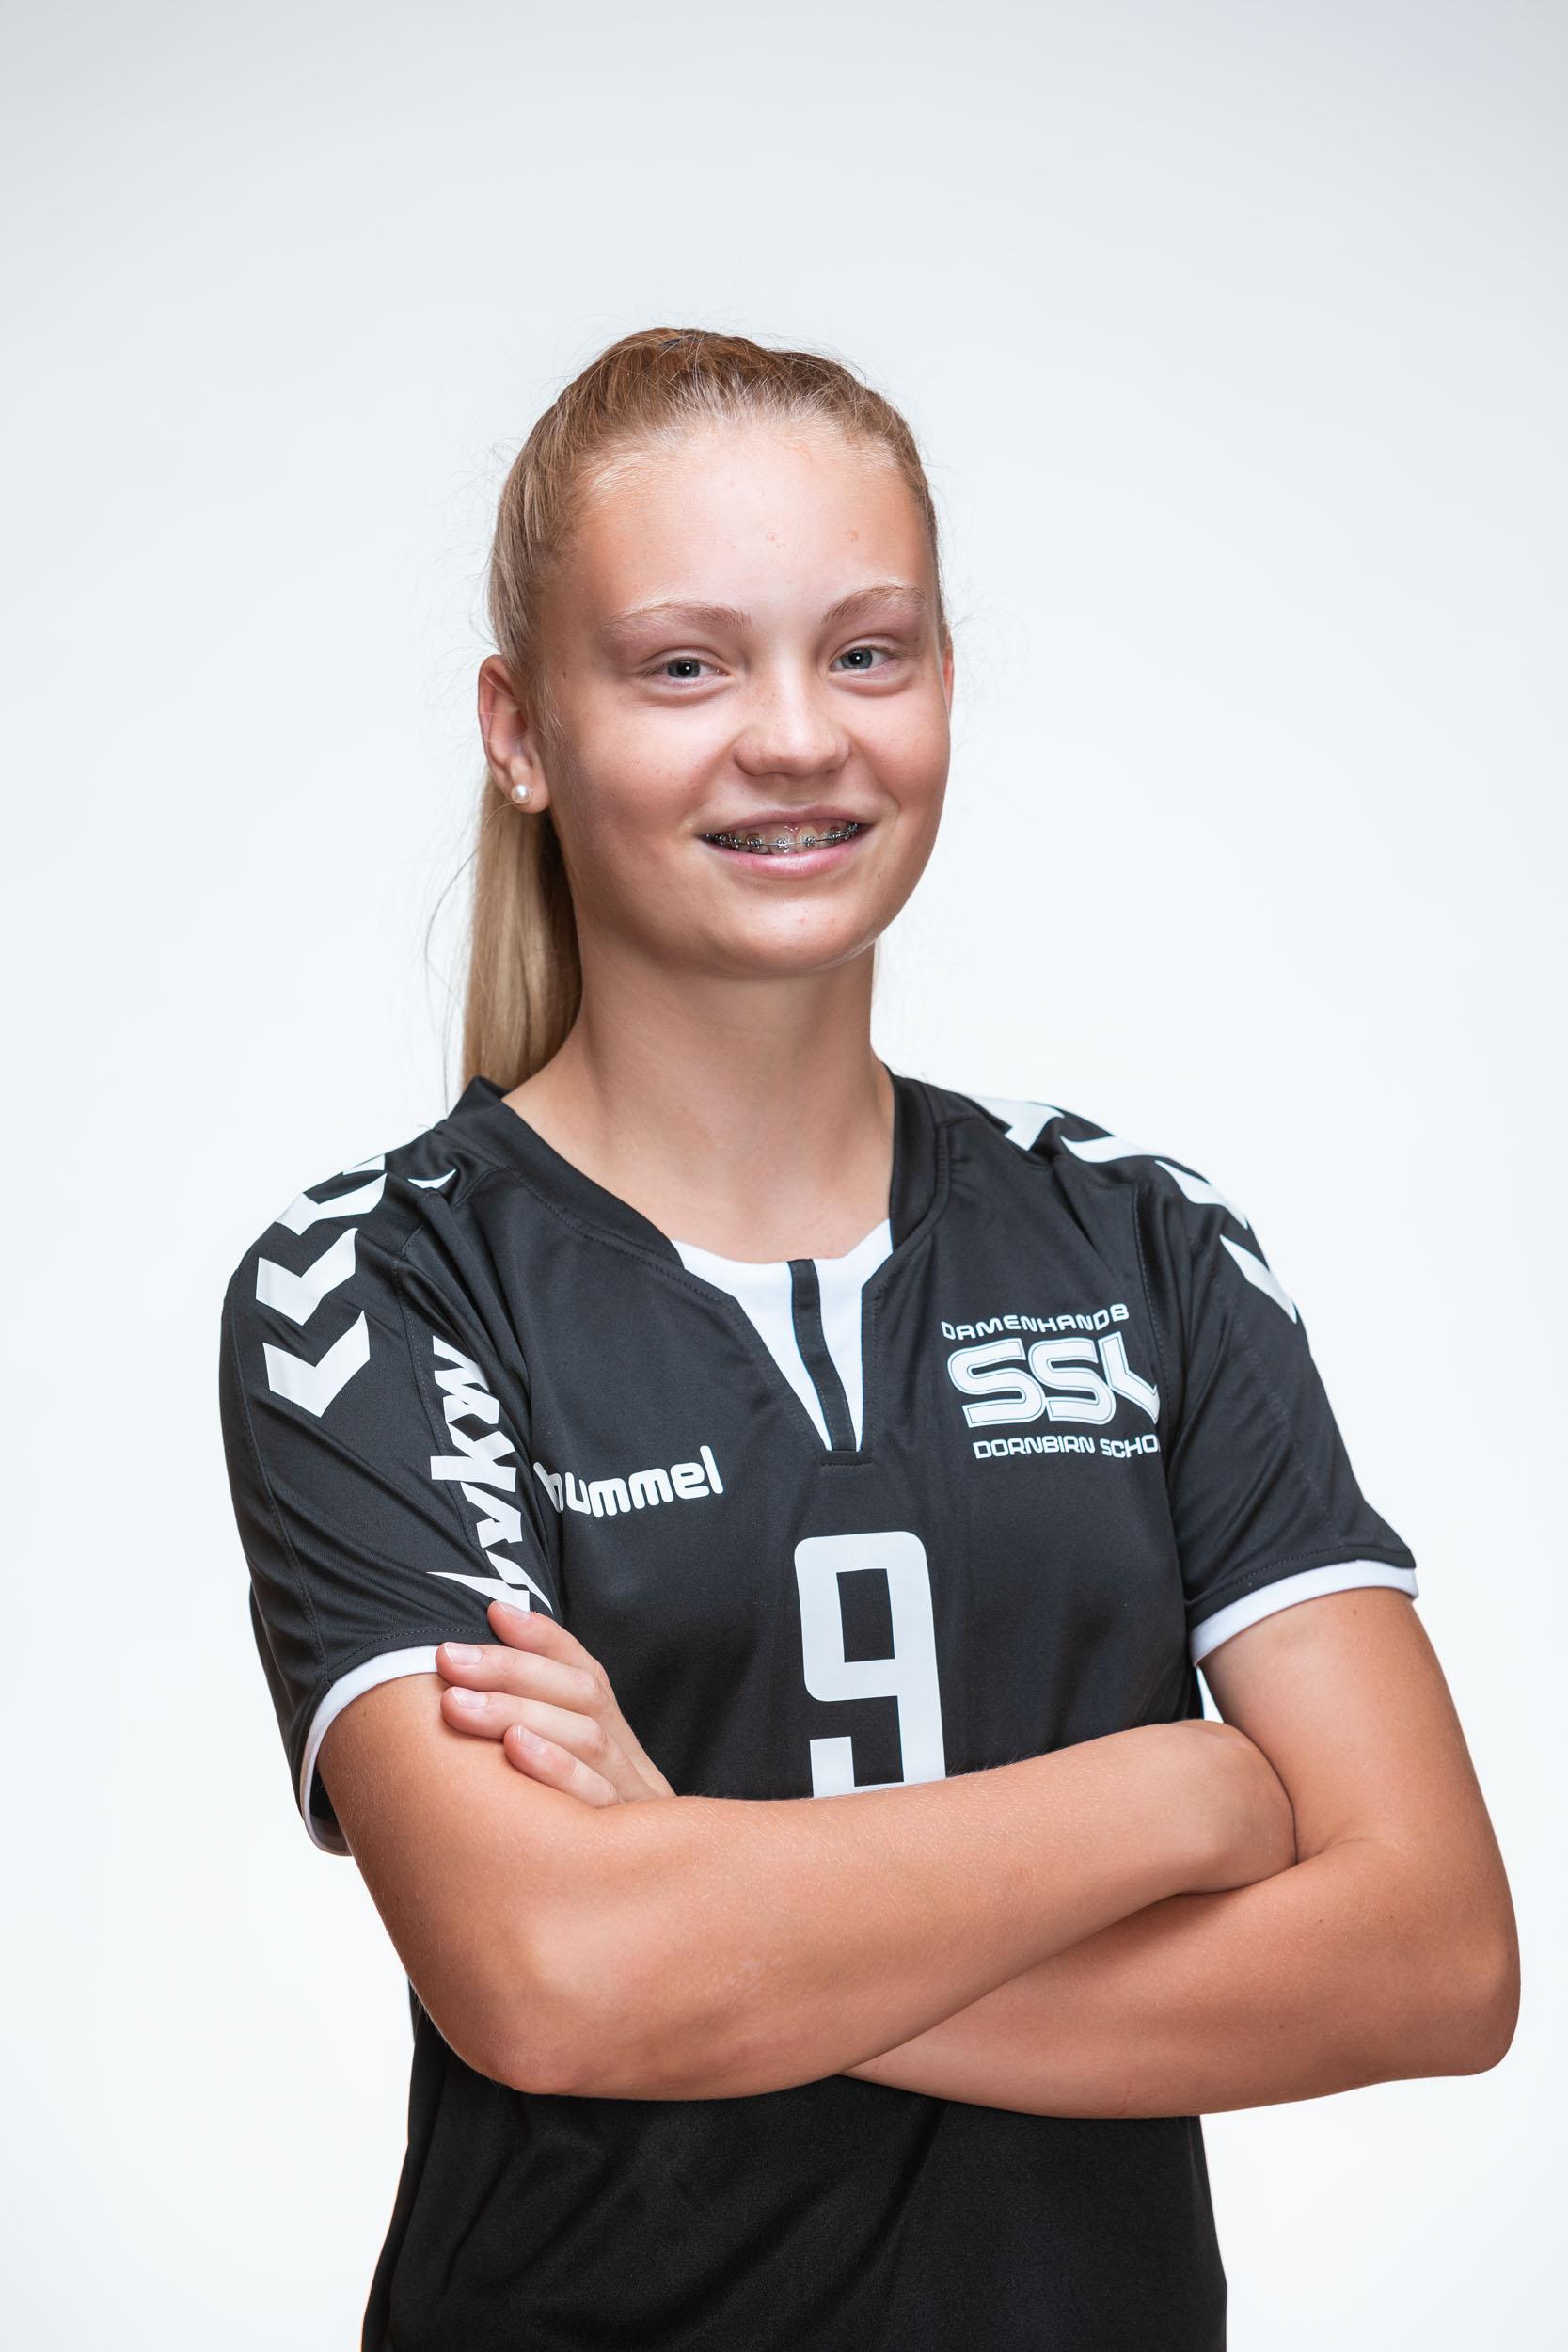 Hanna Zoppel